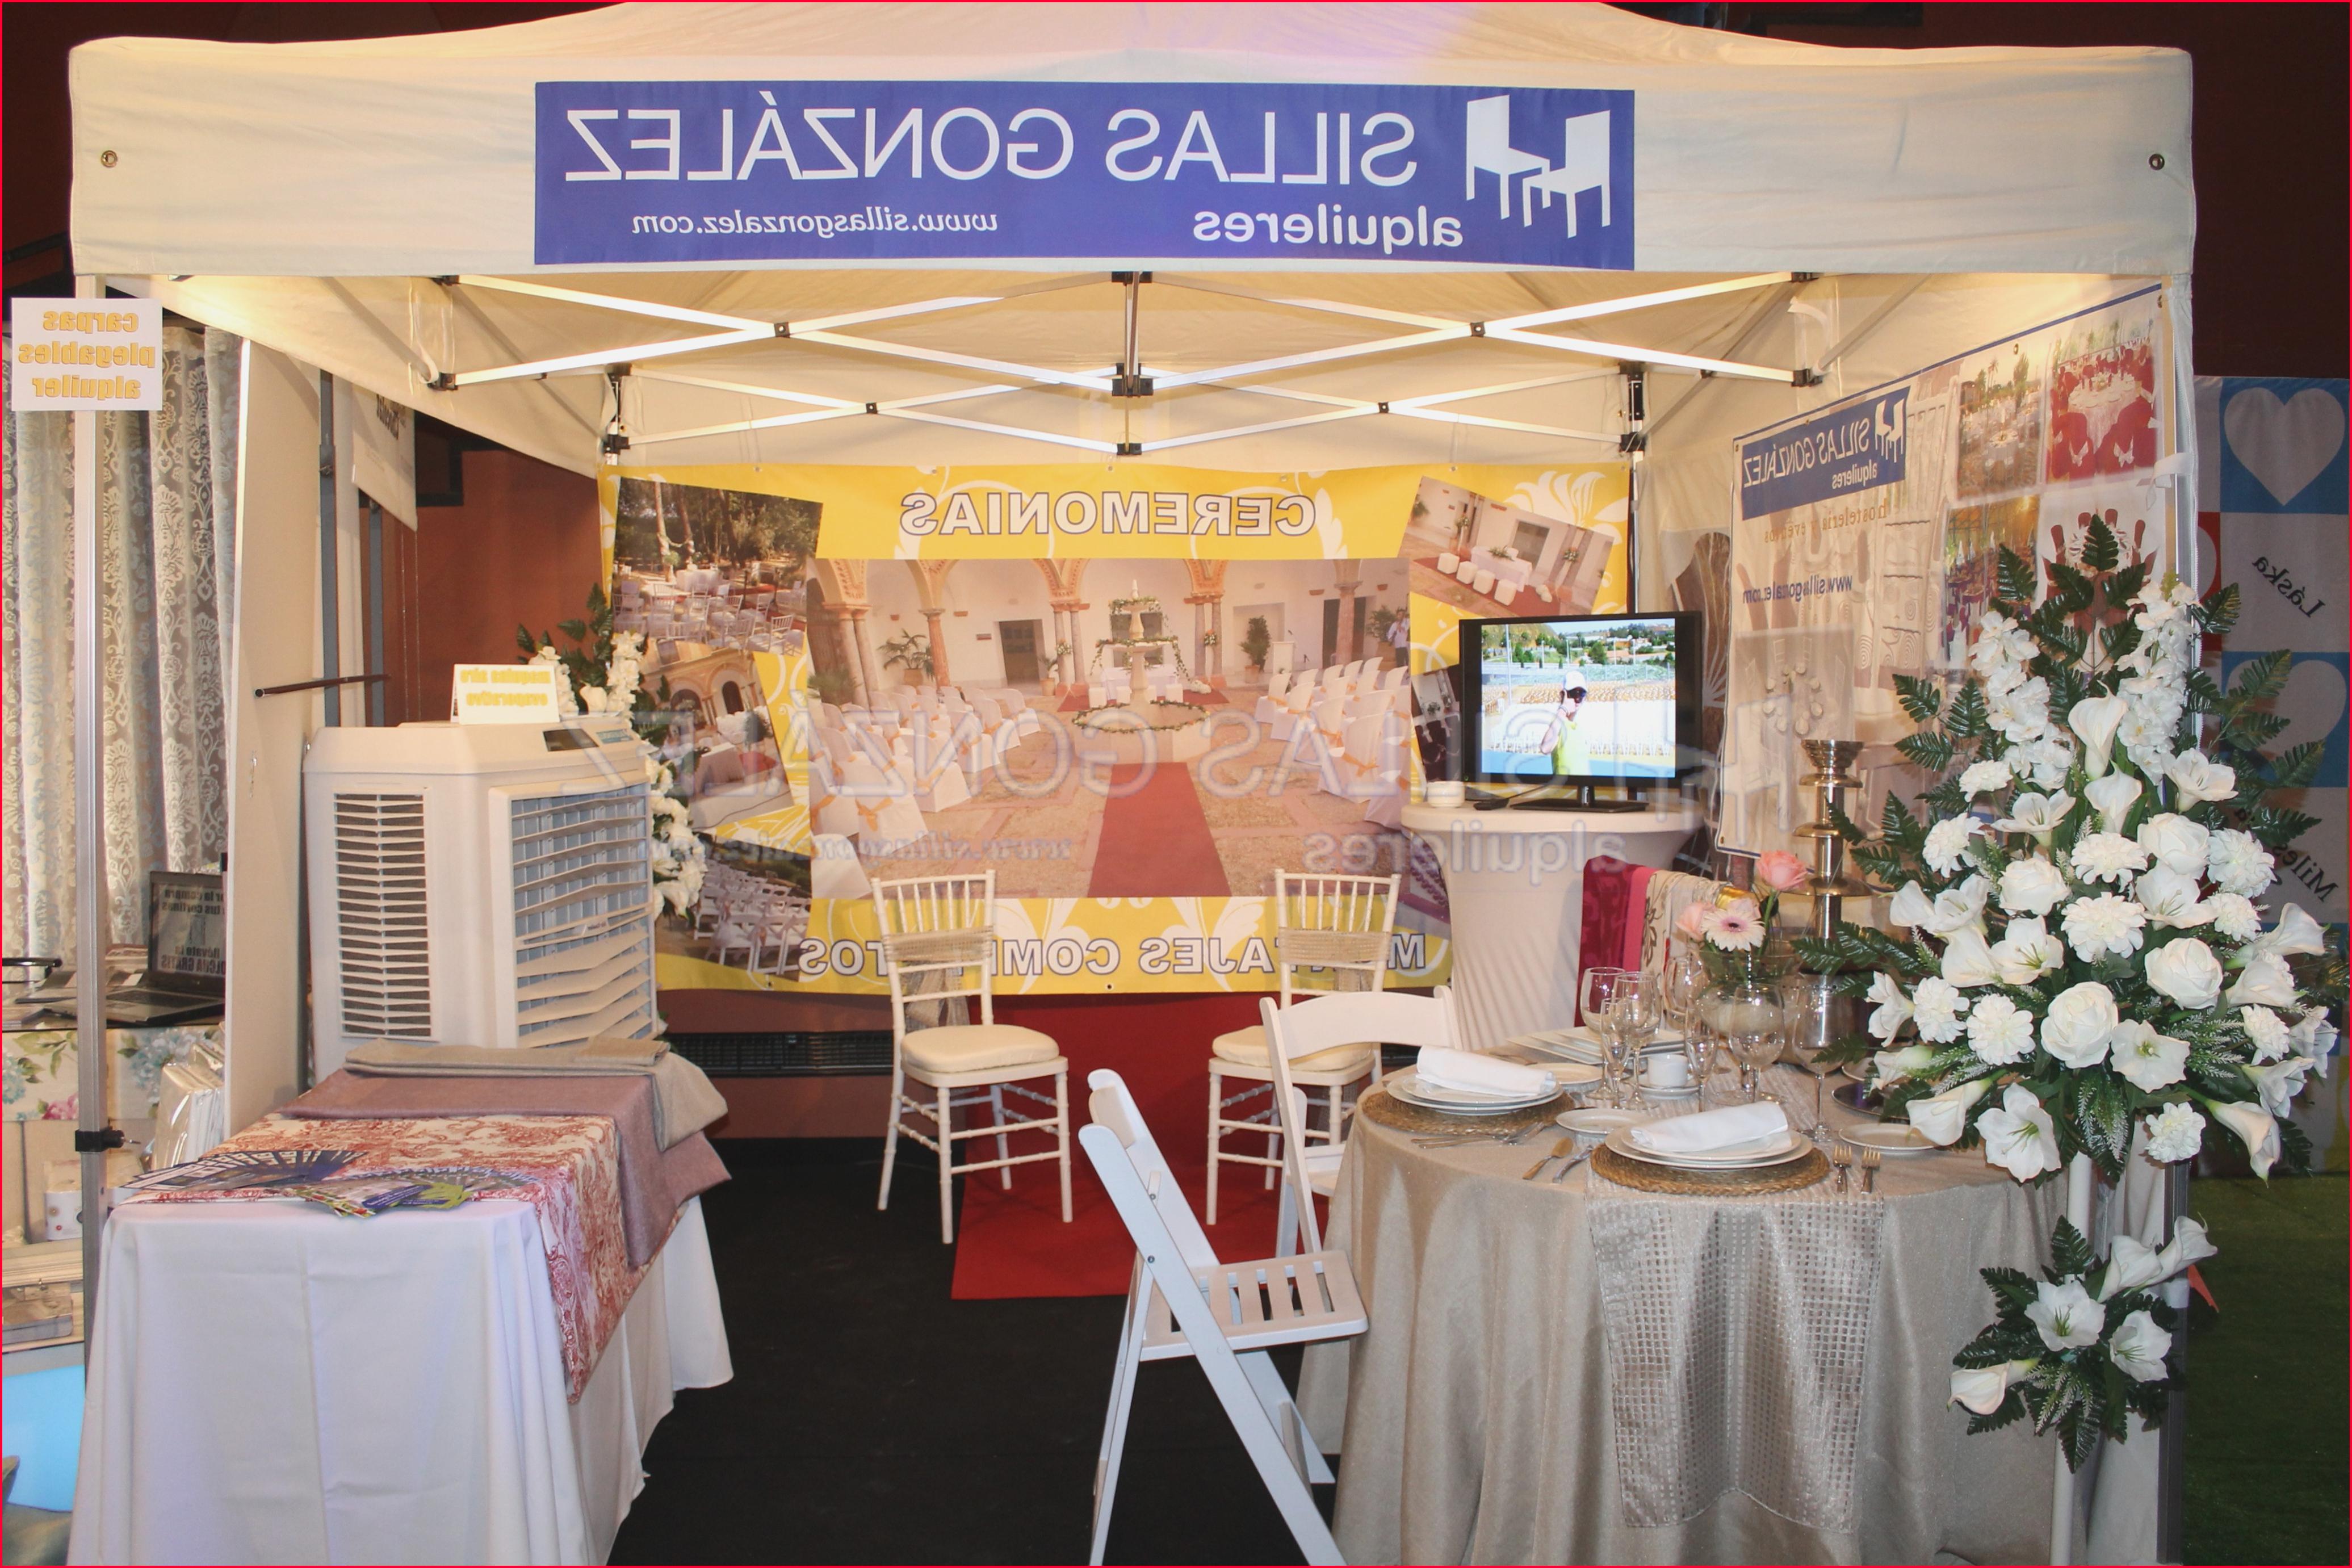 Alquiler De Mesas Y Sillas En Sevilla 9fdy Alquiler Sillas Sevilla La Historia De Alquiler De Mesas Y